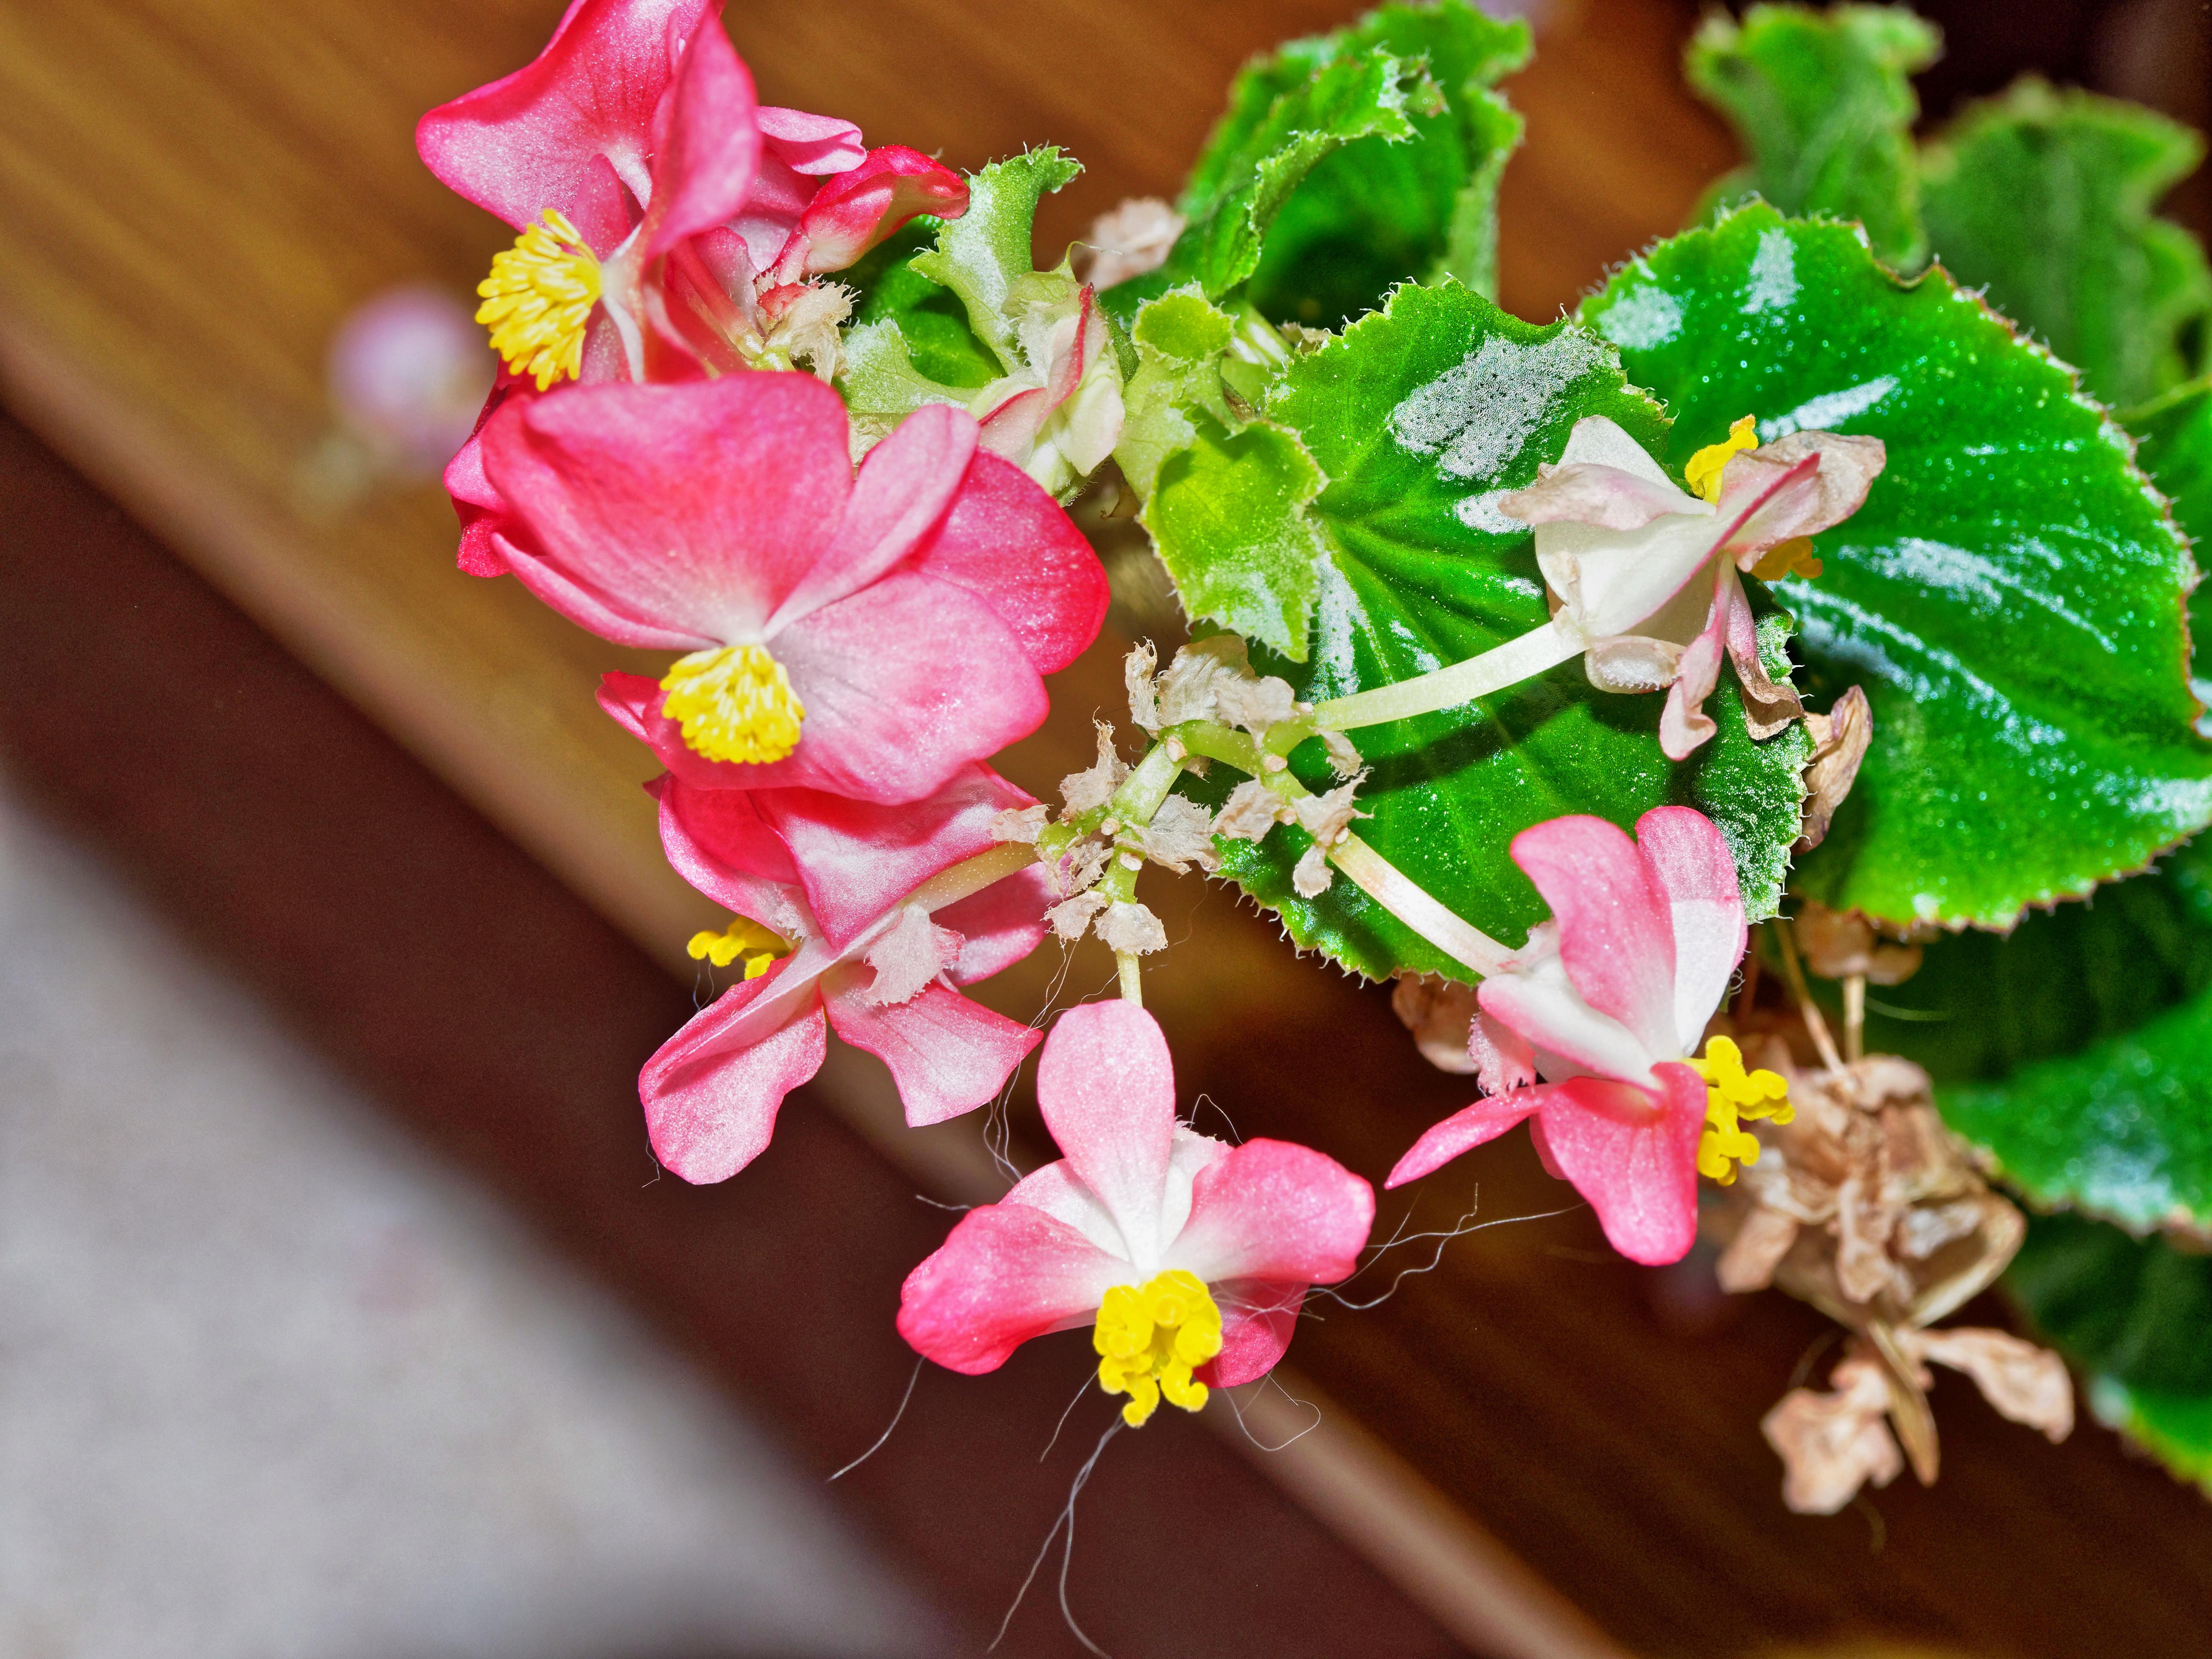 Begonia.jpeg